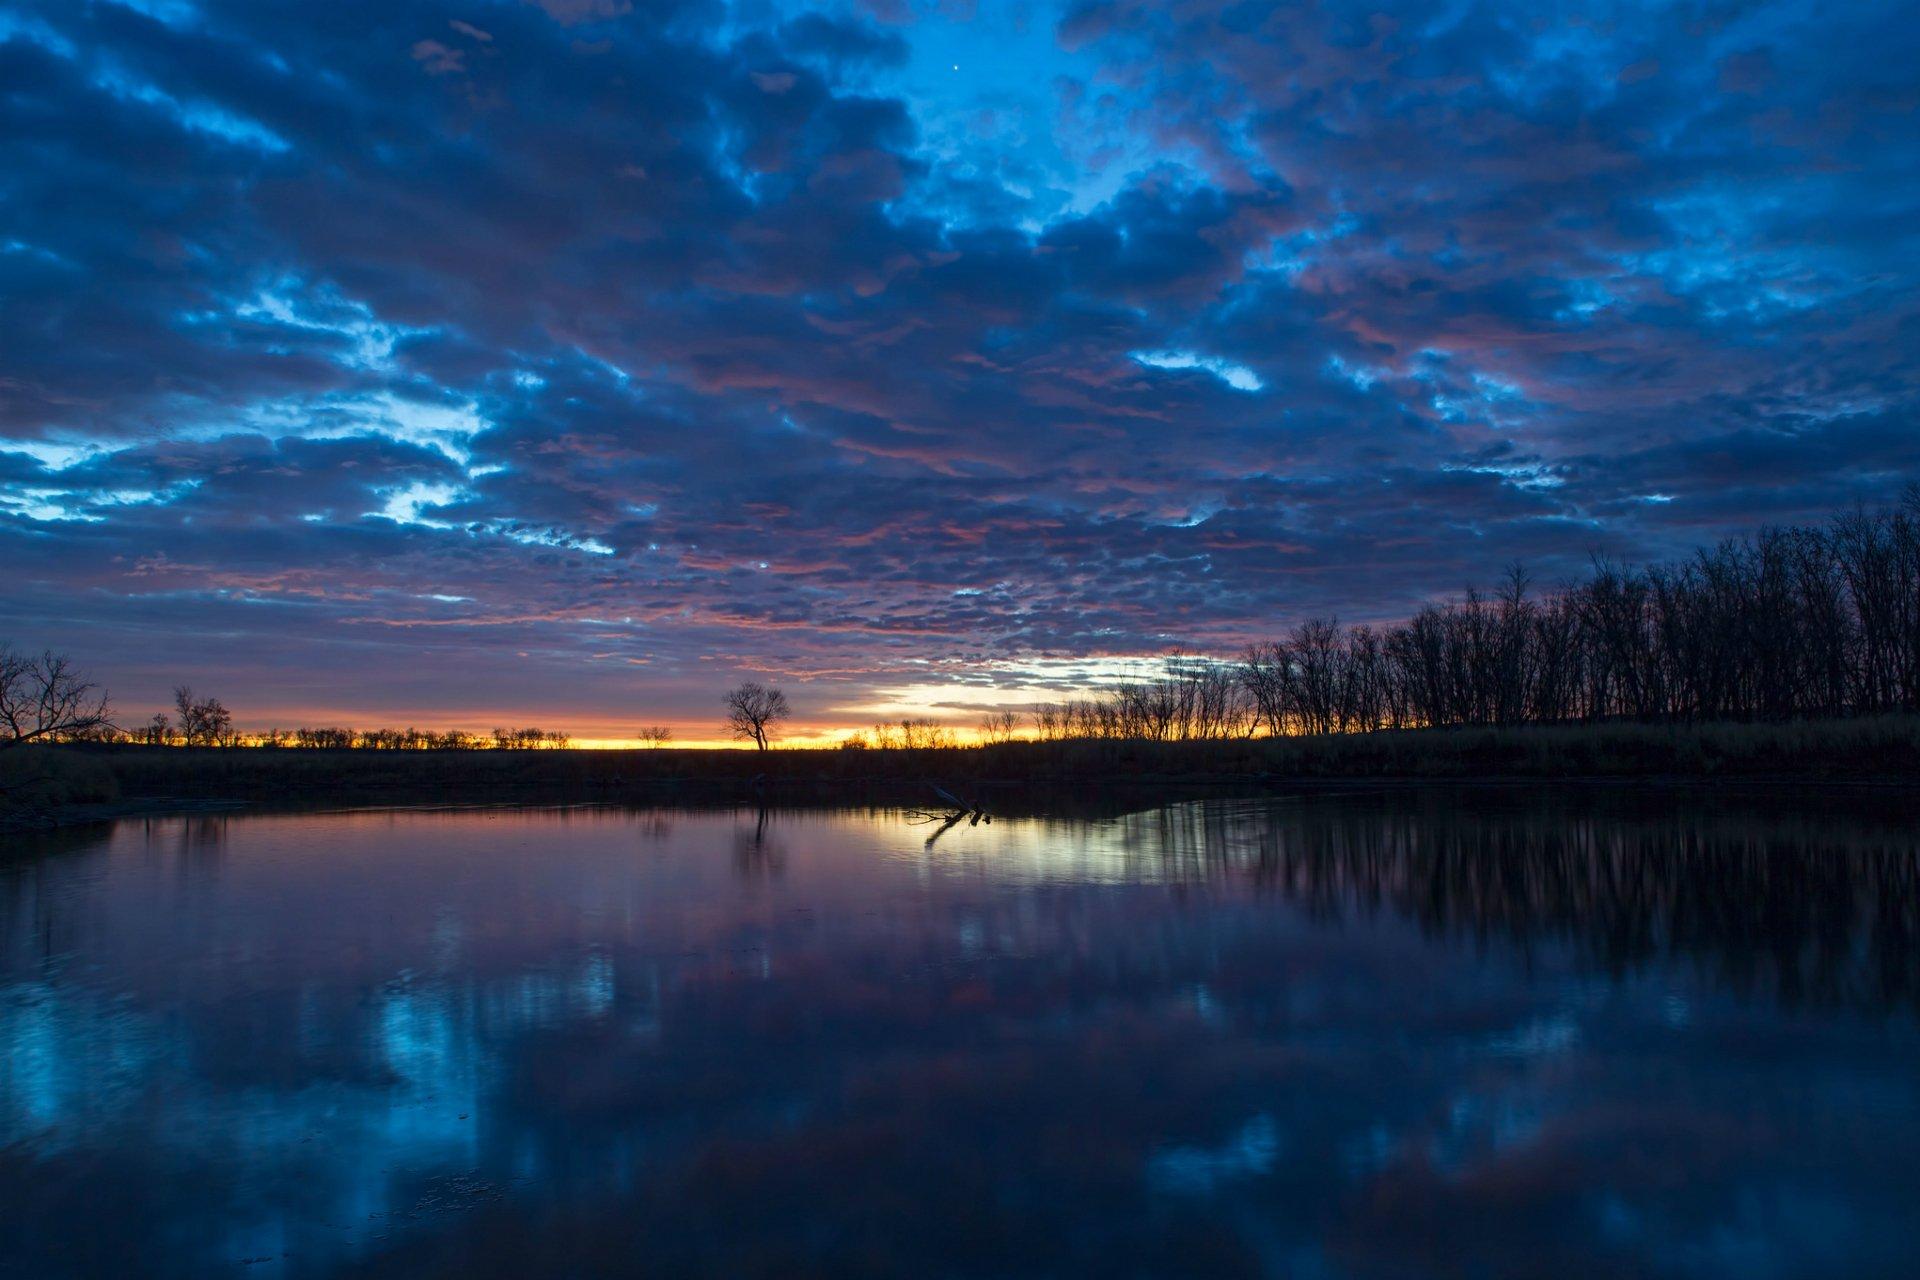 природа облака солнце река загрузить